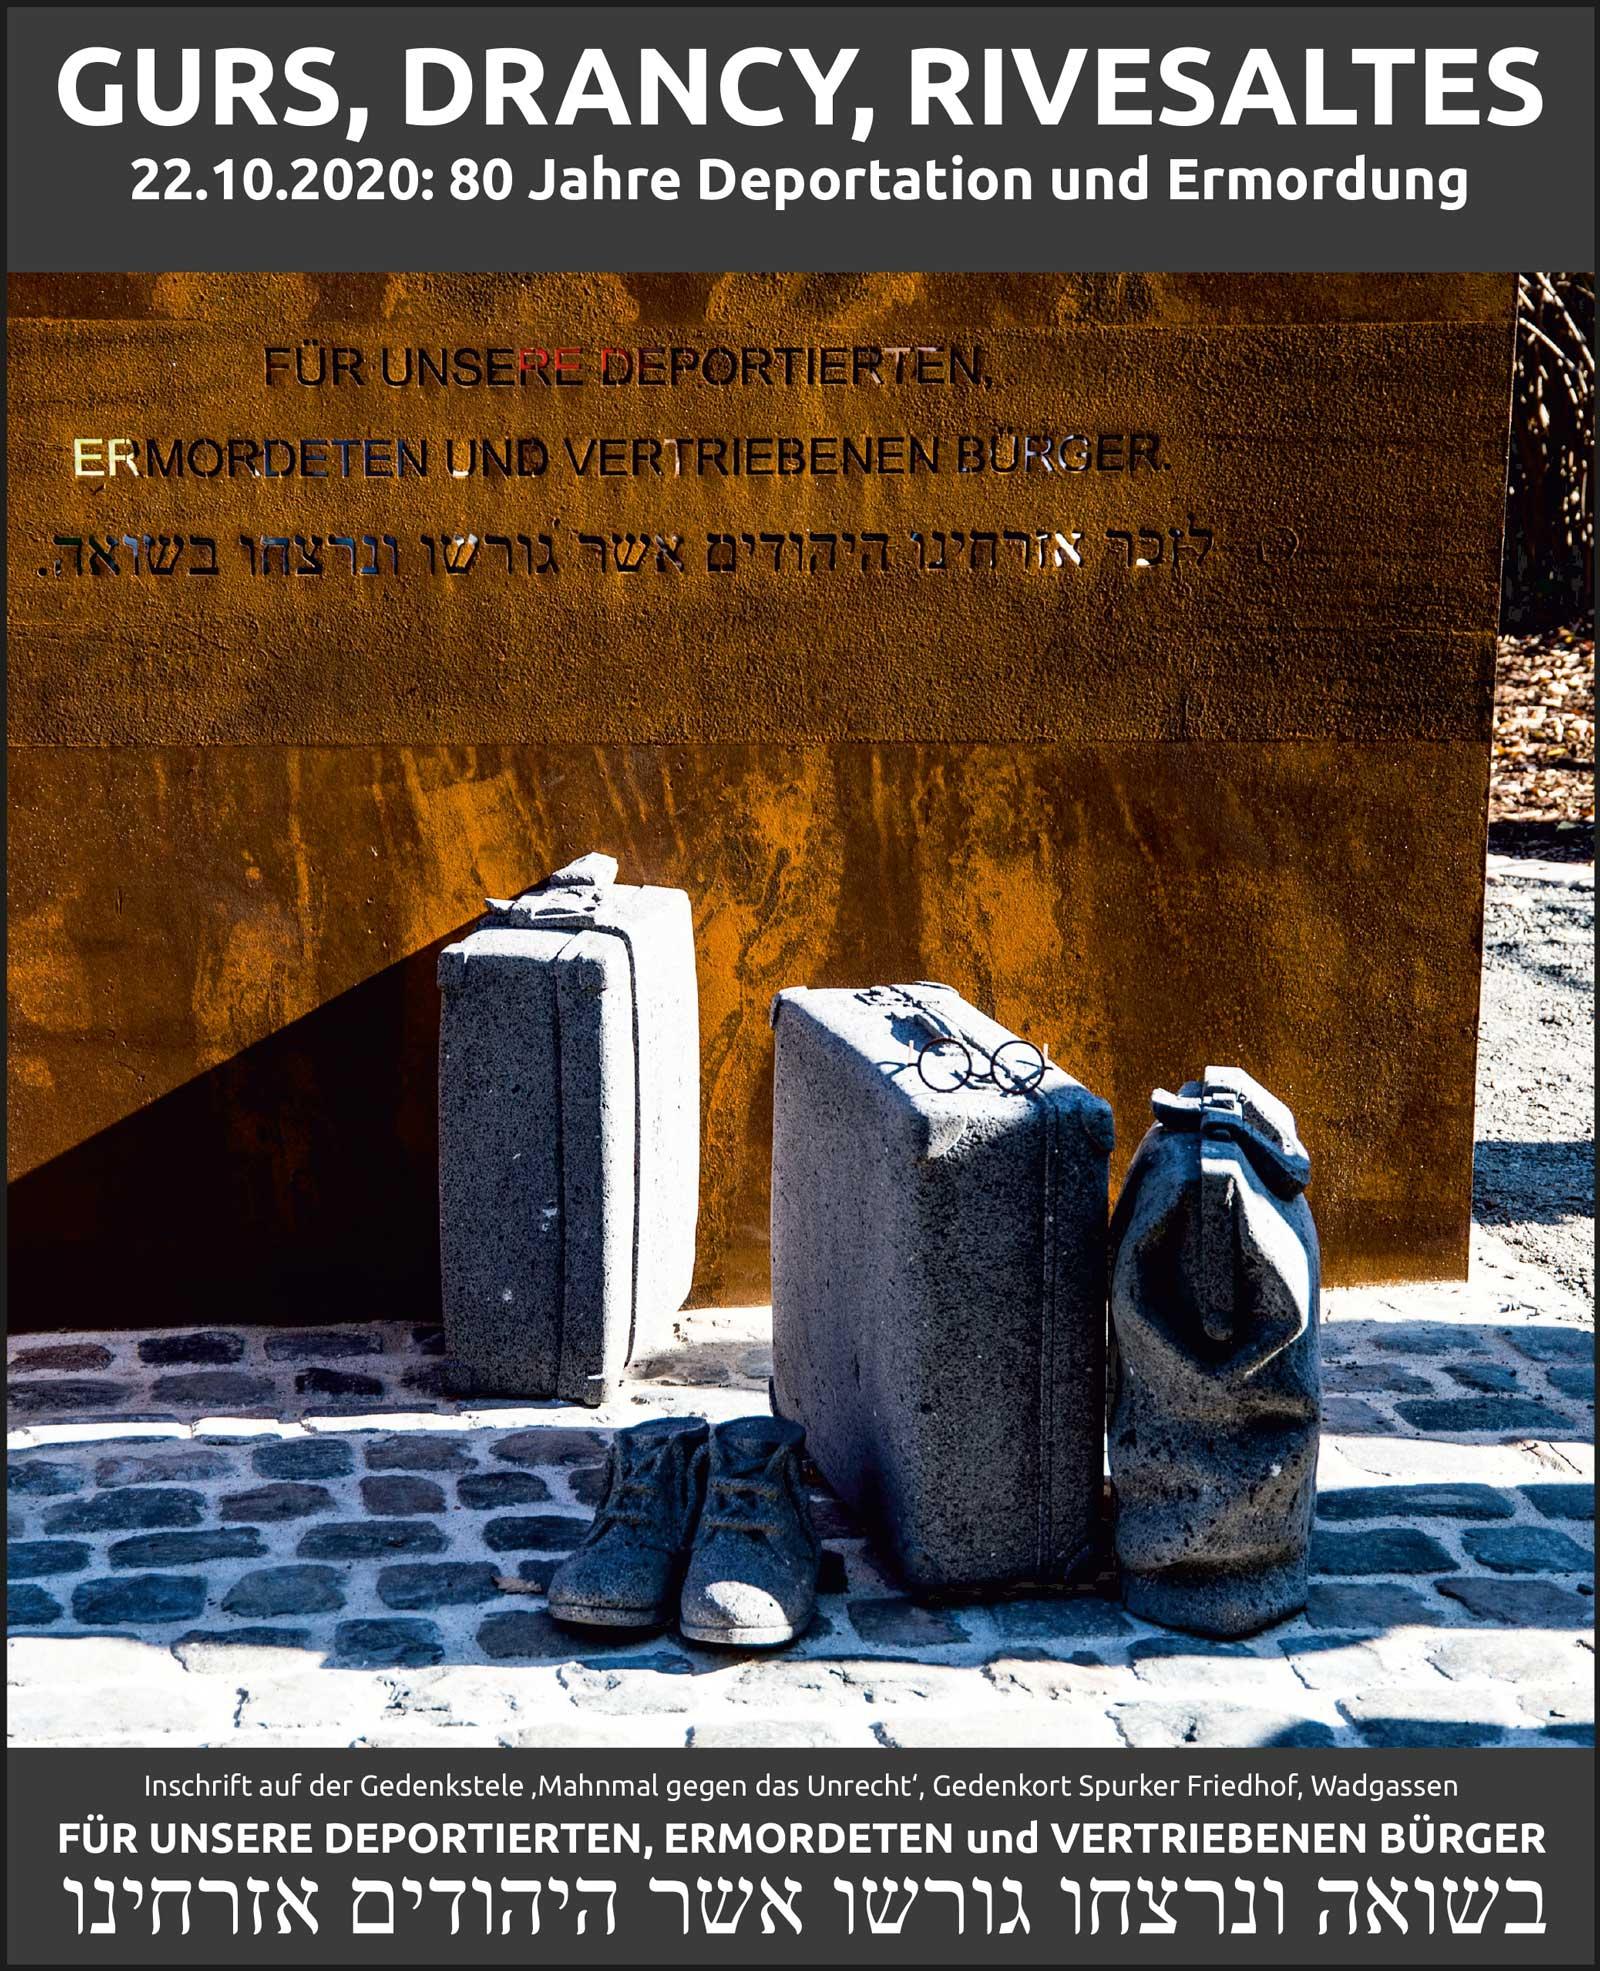 Gurs, Drancy, Rivesaltes: Aufarbeitung und Erinnerung an die Deportation vor 80 Jahren darf nicht aufhören